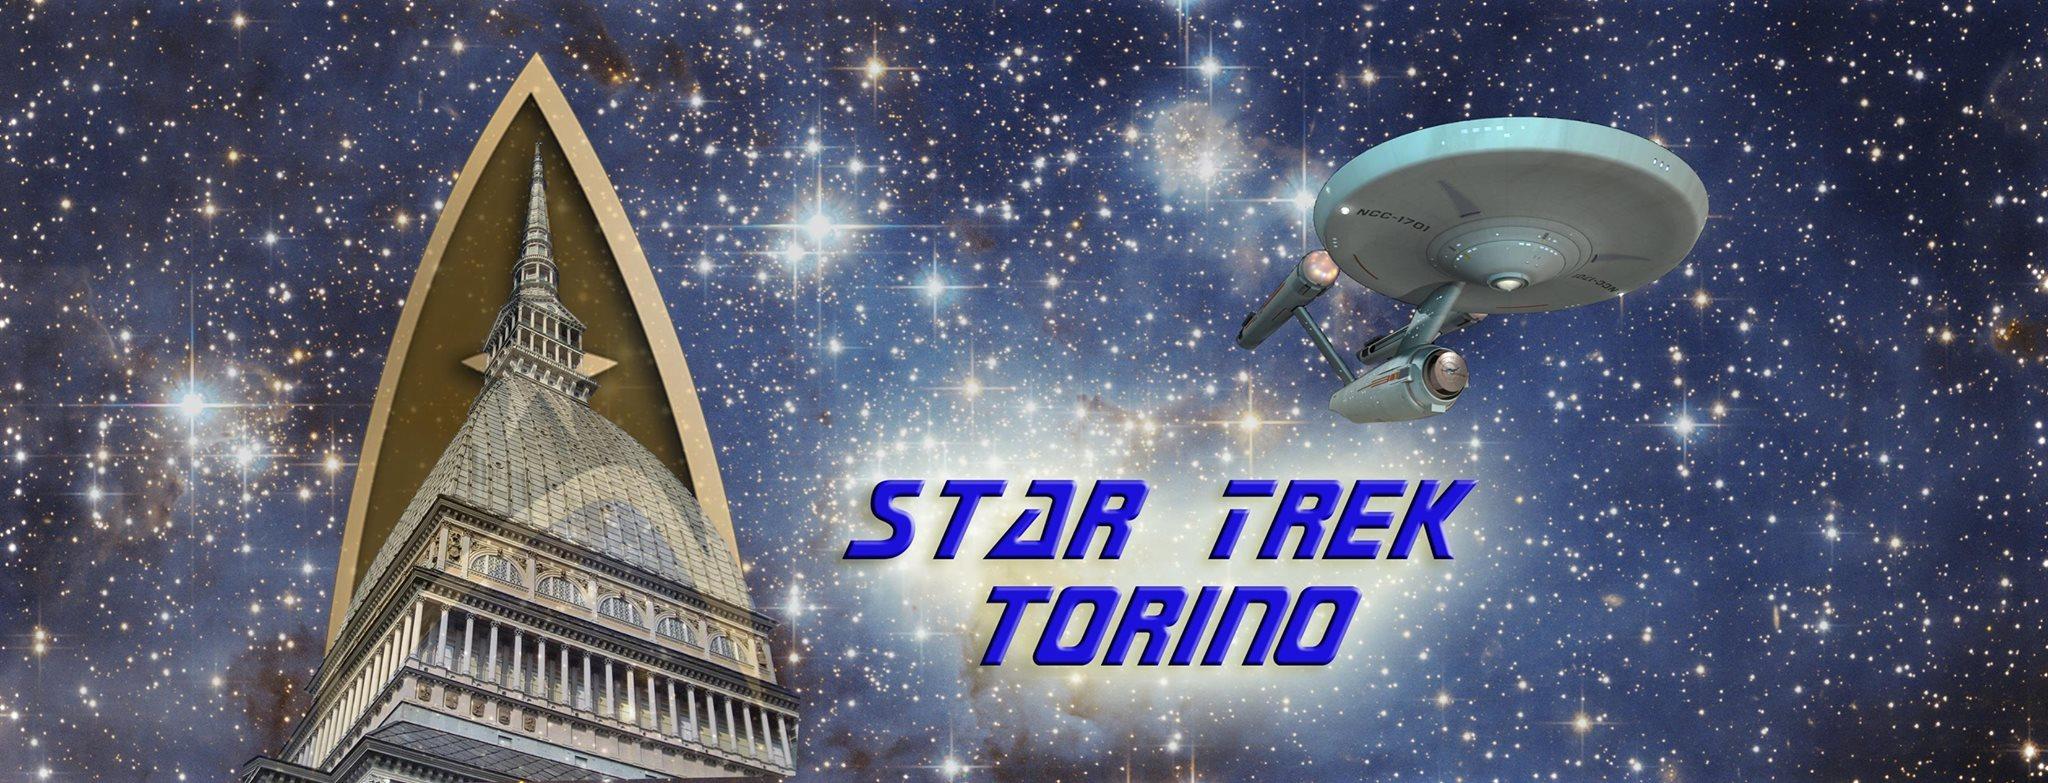 Stefanie Gröner è la più grande collezionista italiana di tutto quello che è inerente all'universo di Star Trek. Sono andato a visitare la sua collezione privata e le ho chiesto […]